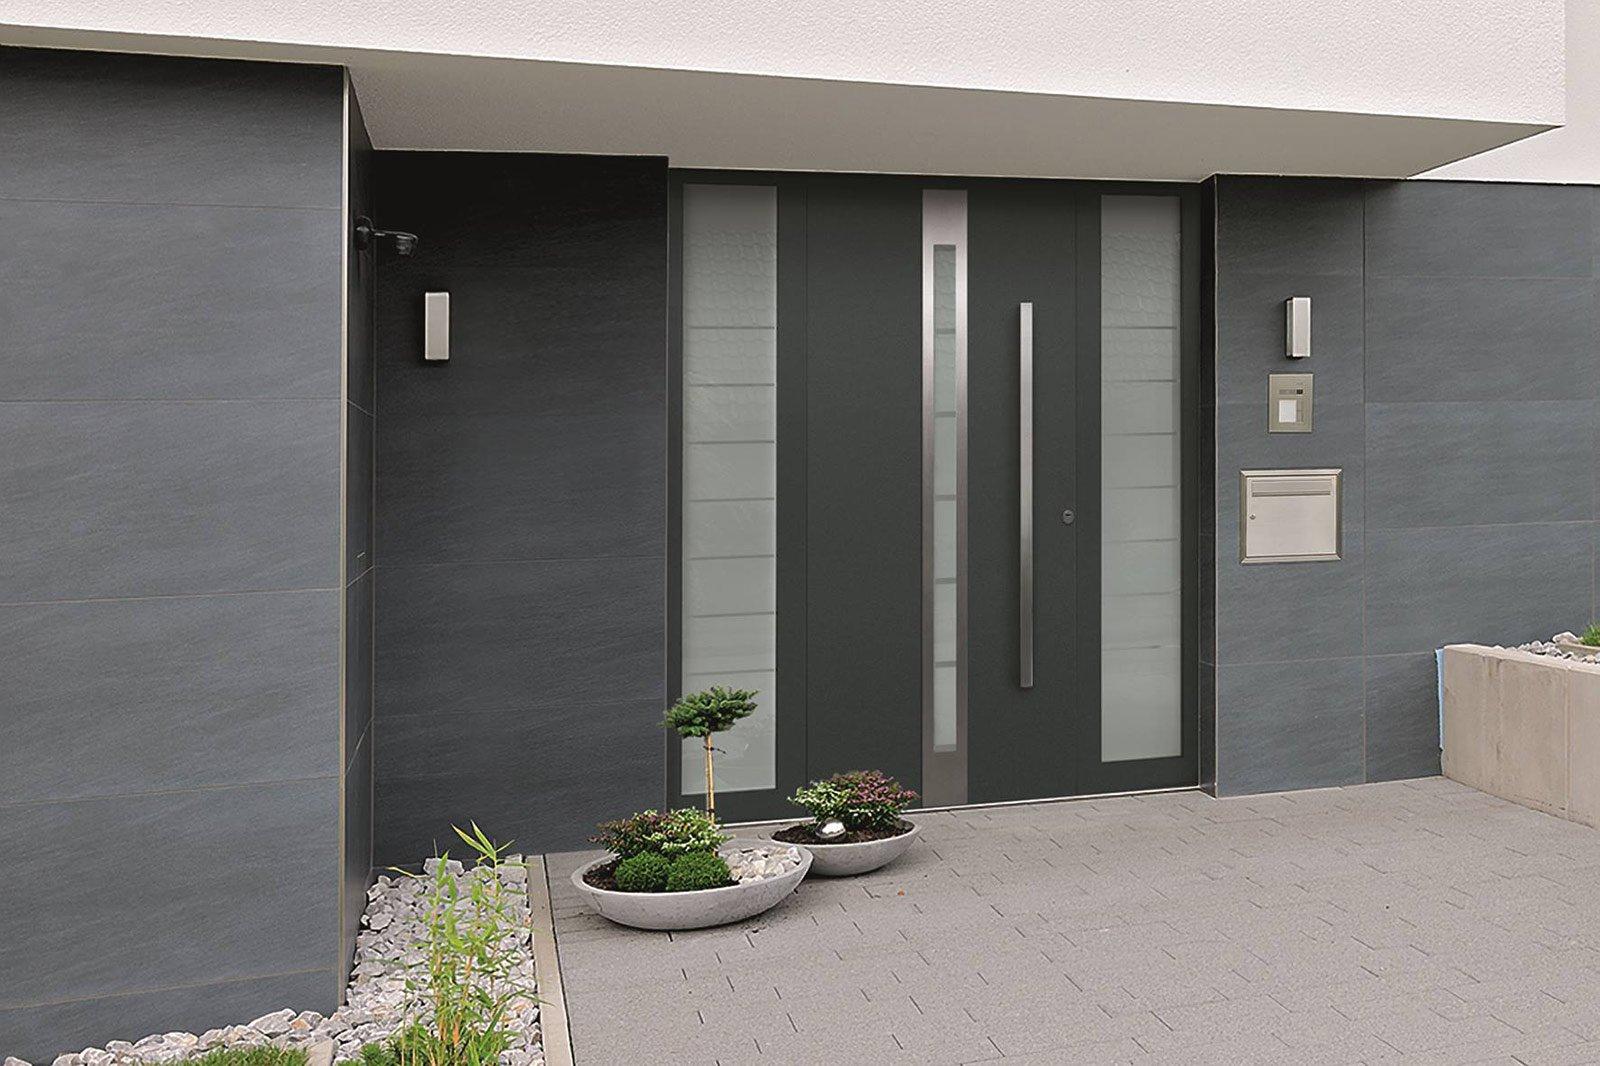 Porte e portoni a condizioni vantaggiose cose di casa for Ingresso casa moderno